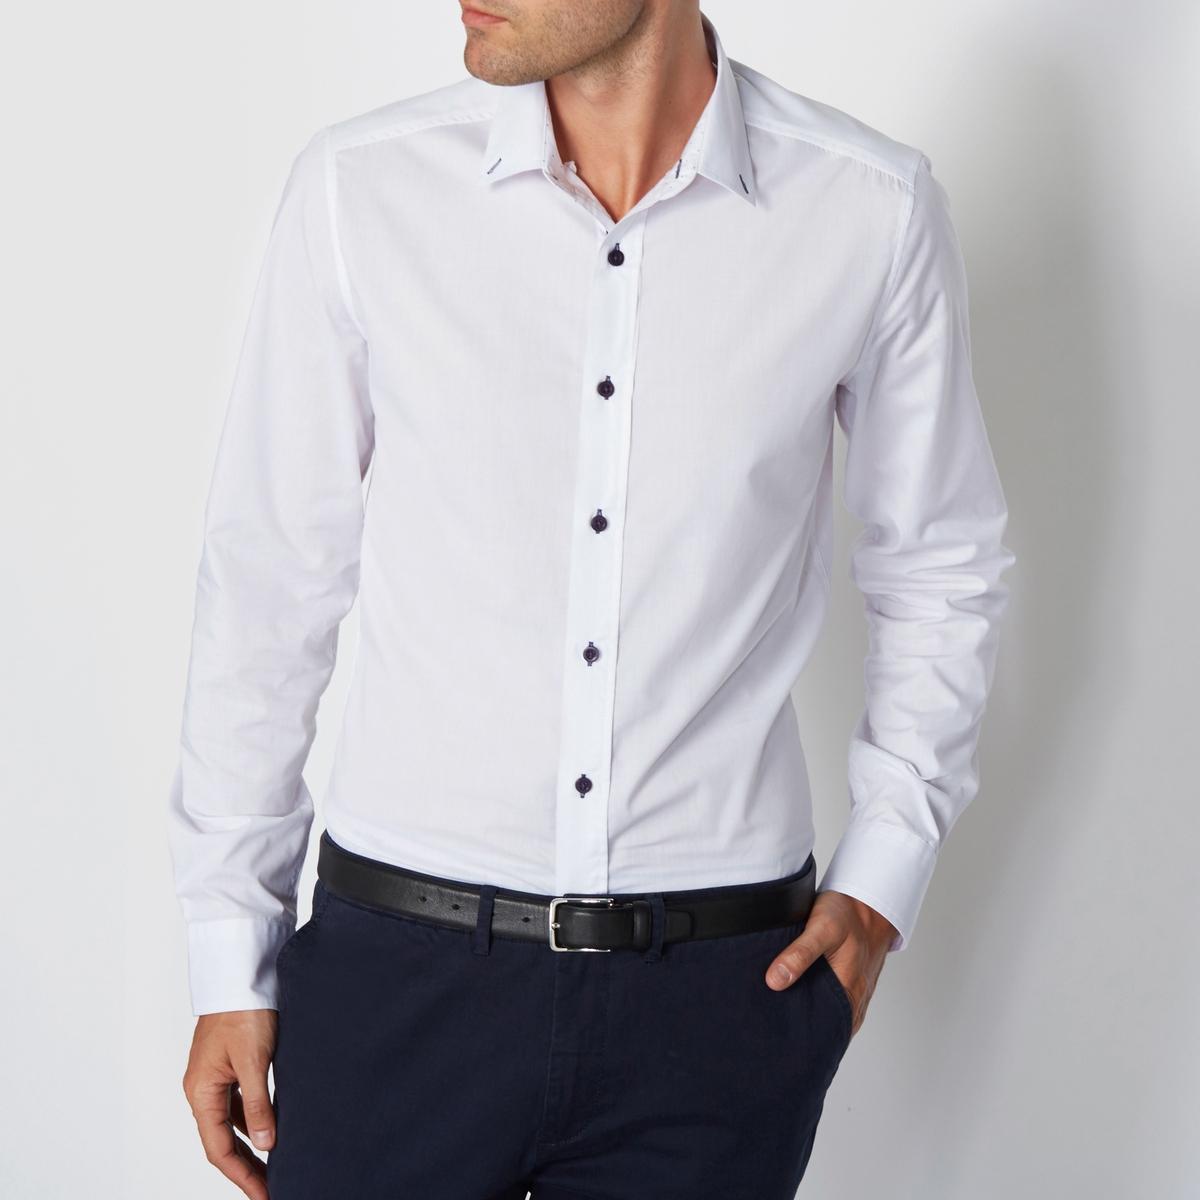 Рубашка однотонная узкого покроя с длинными рукавамиРубашка в городском стиле с контрастными деталями R Edition. Красивая, оригинальная, удобная и легкая в уходе рубашка узкого облегающего покроя в городском стиле.  Материал : 55% хлопка,  45% полиэстераУзкий покрой. Застежка на пуговицы.<br><br>Цвет: белый